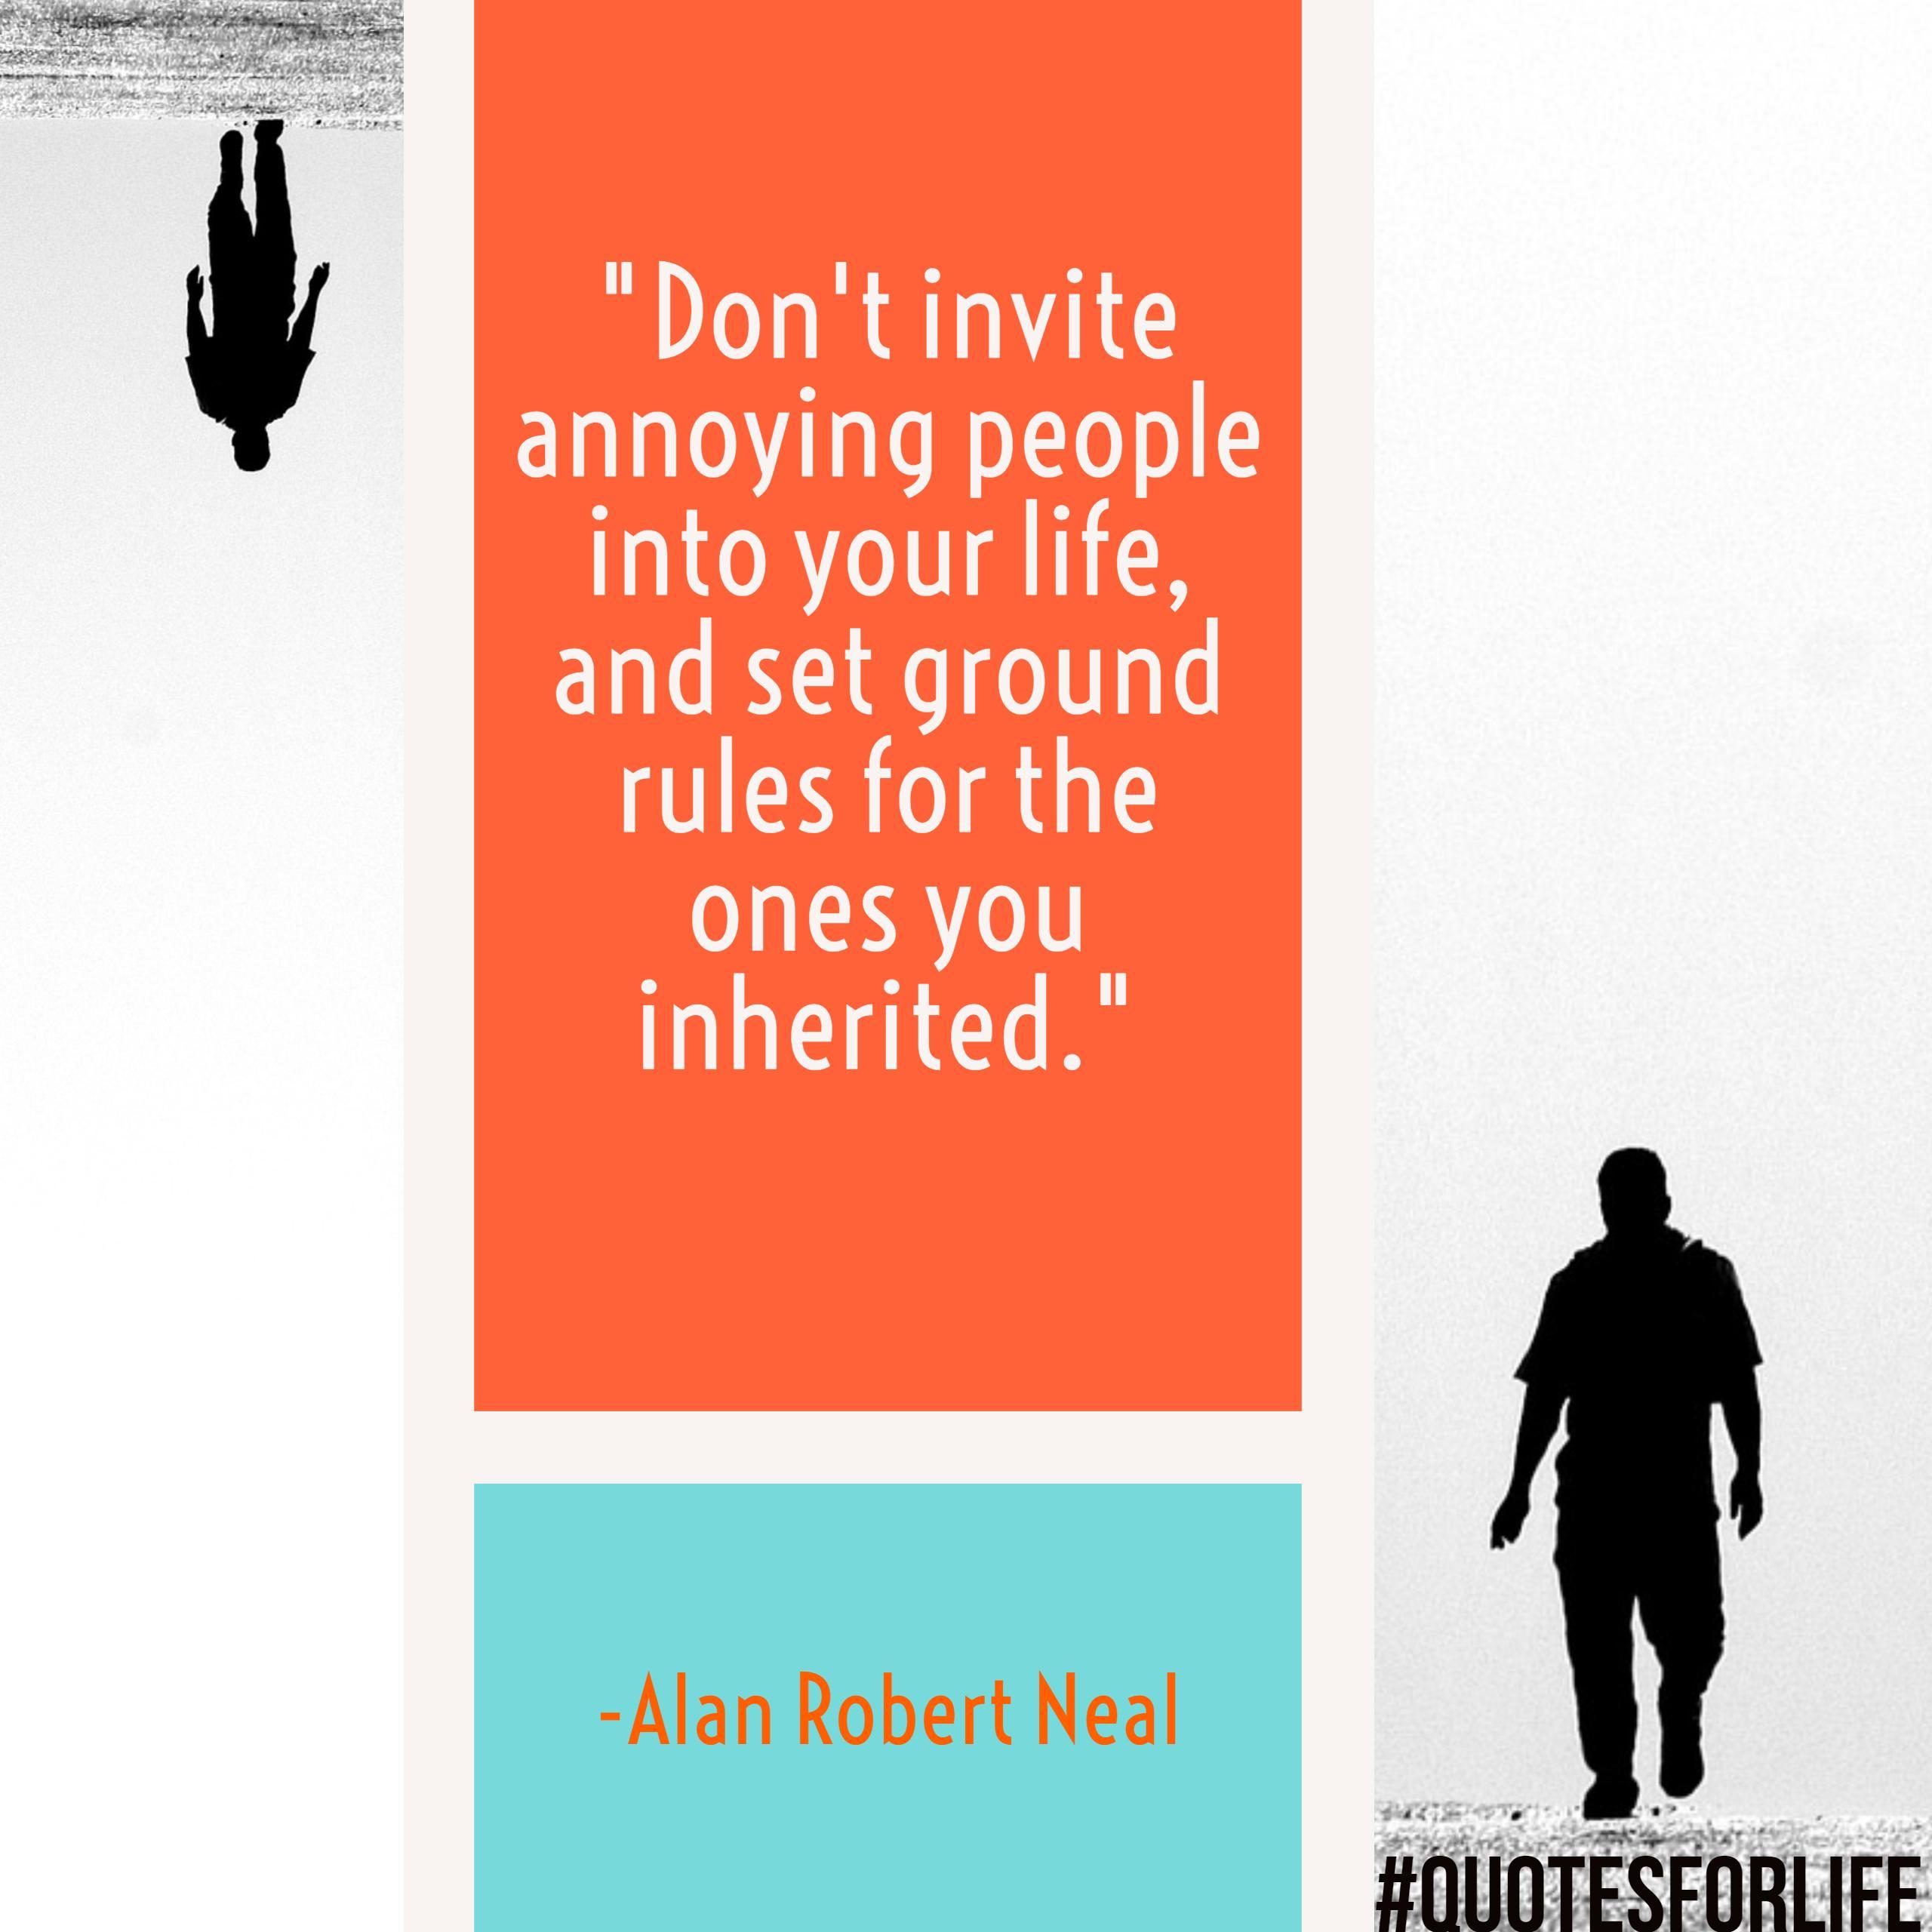 Alan Robert Neal